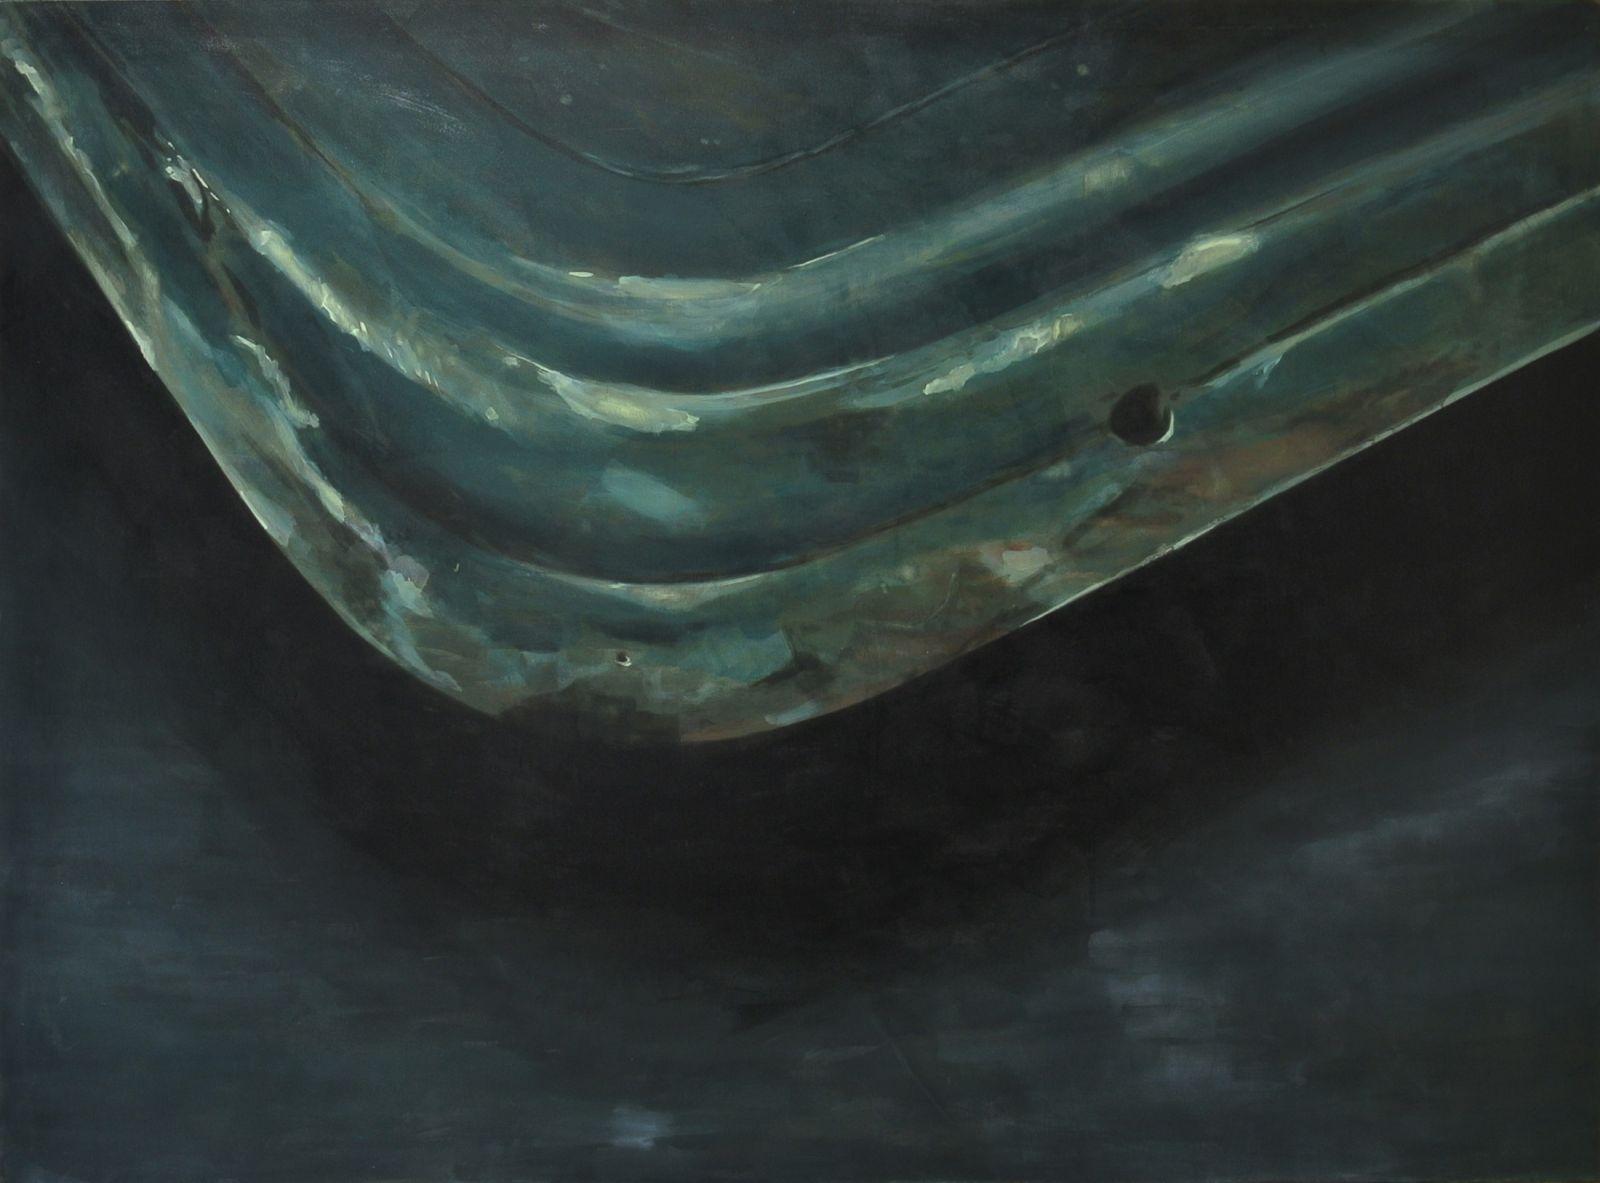 timothee-schelstraete-retroactif-2015-huile-sur-toile-140x190cm-99396a9ed6e201a9f574859581ade15e